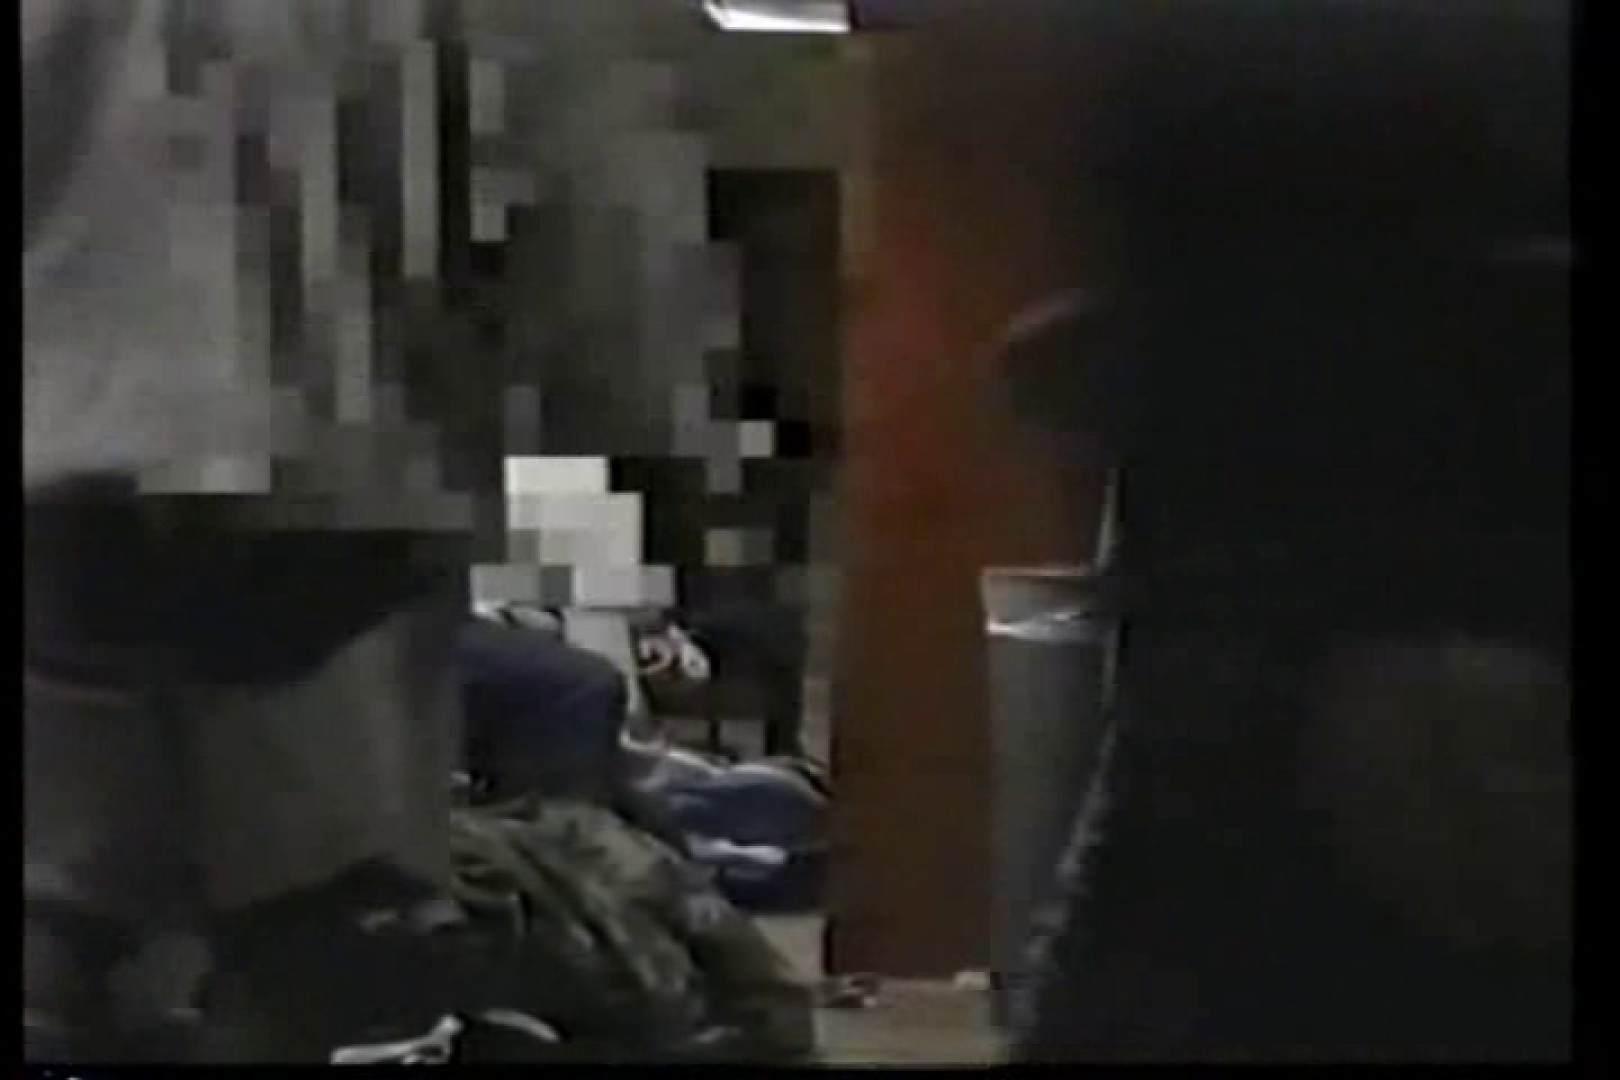 洋人さんの脱衣所を覗いてみました。VOL.3 男・男・男 男同士動画 92枚 80